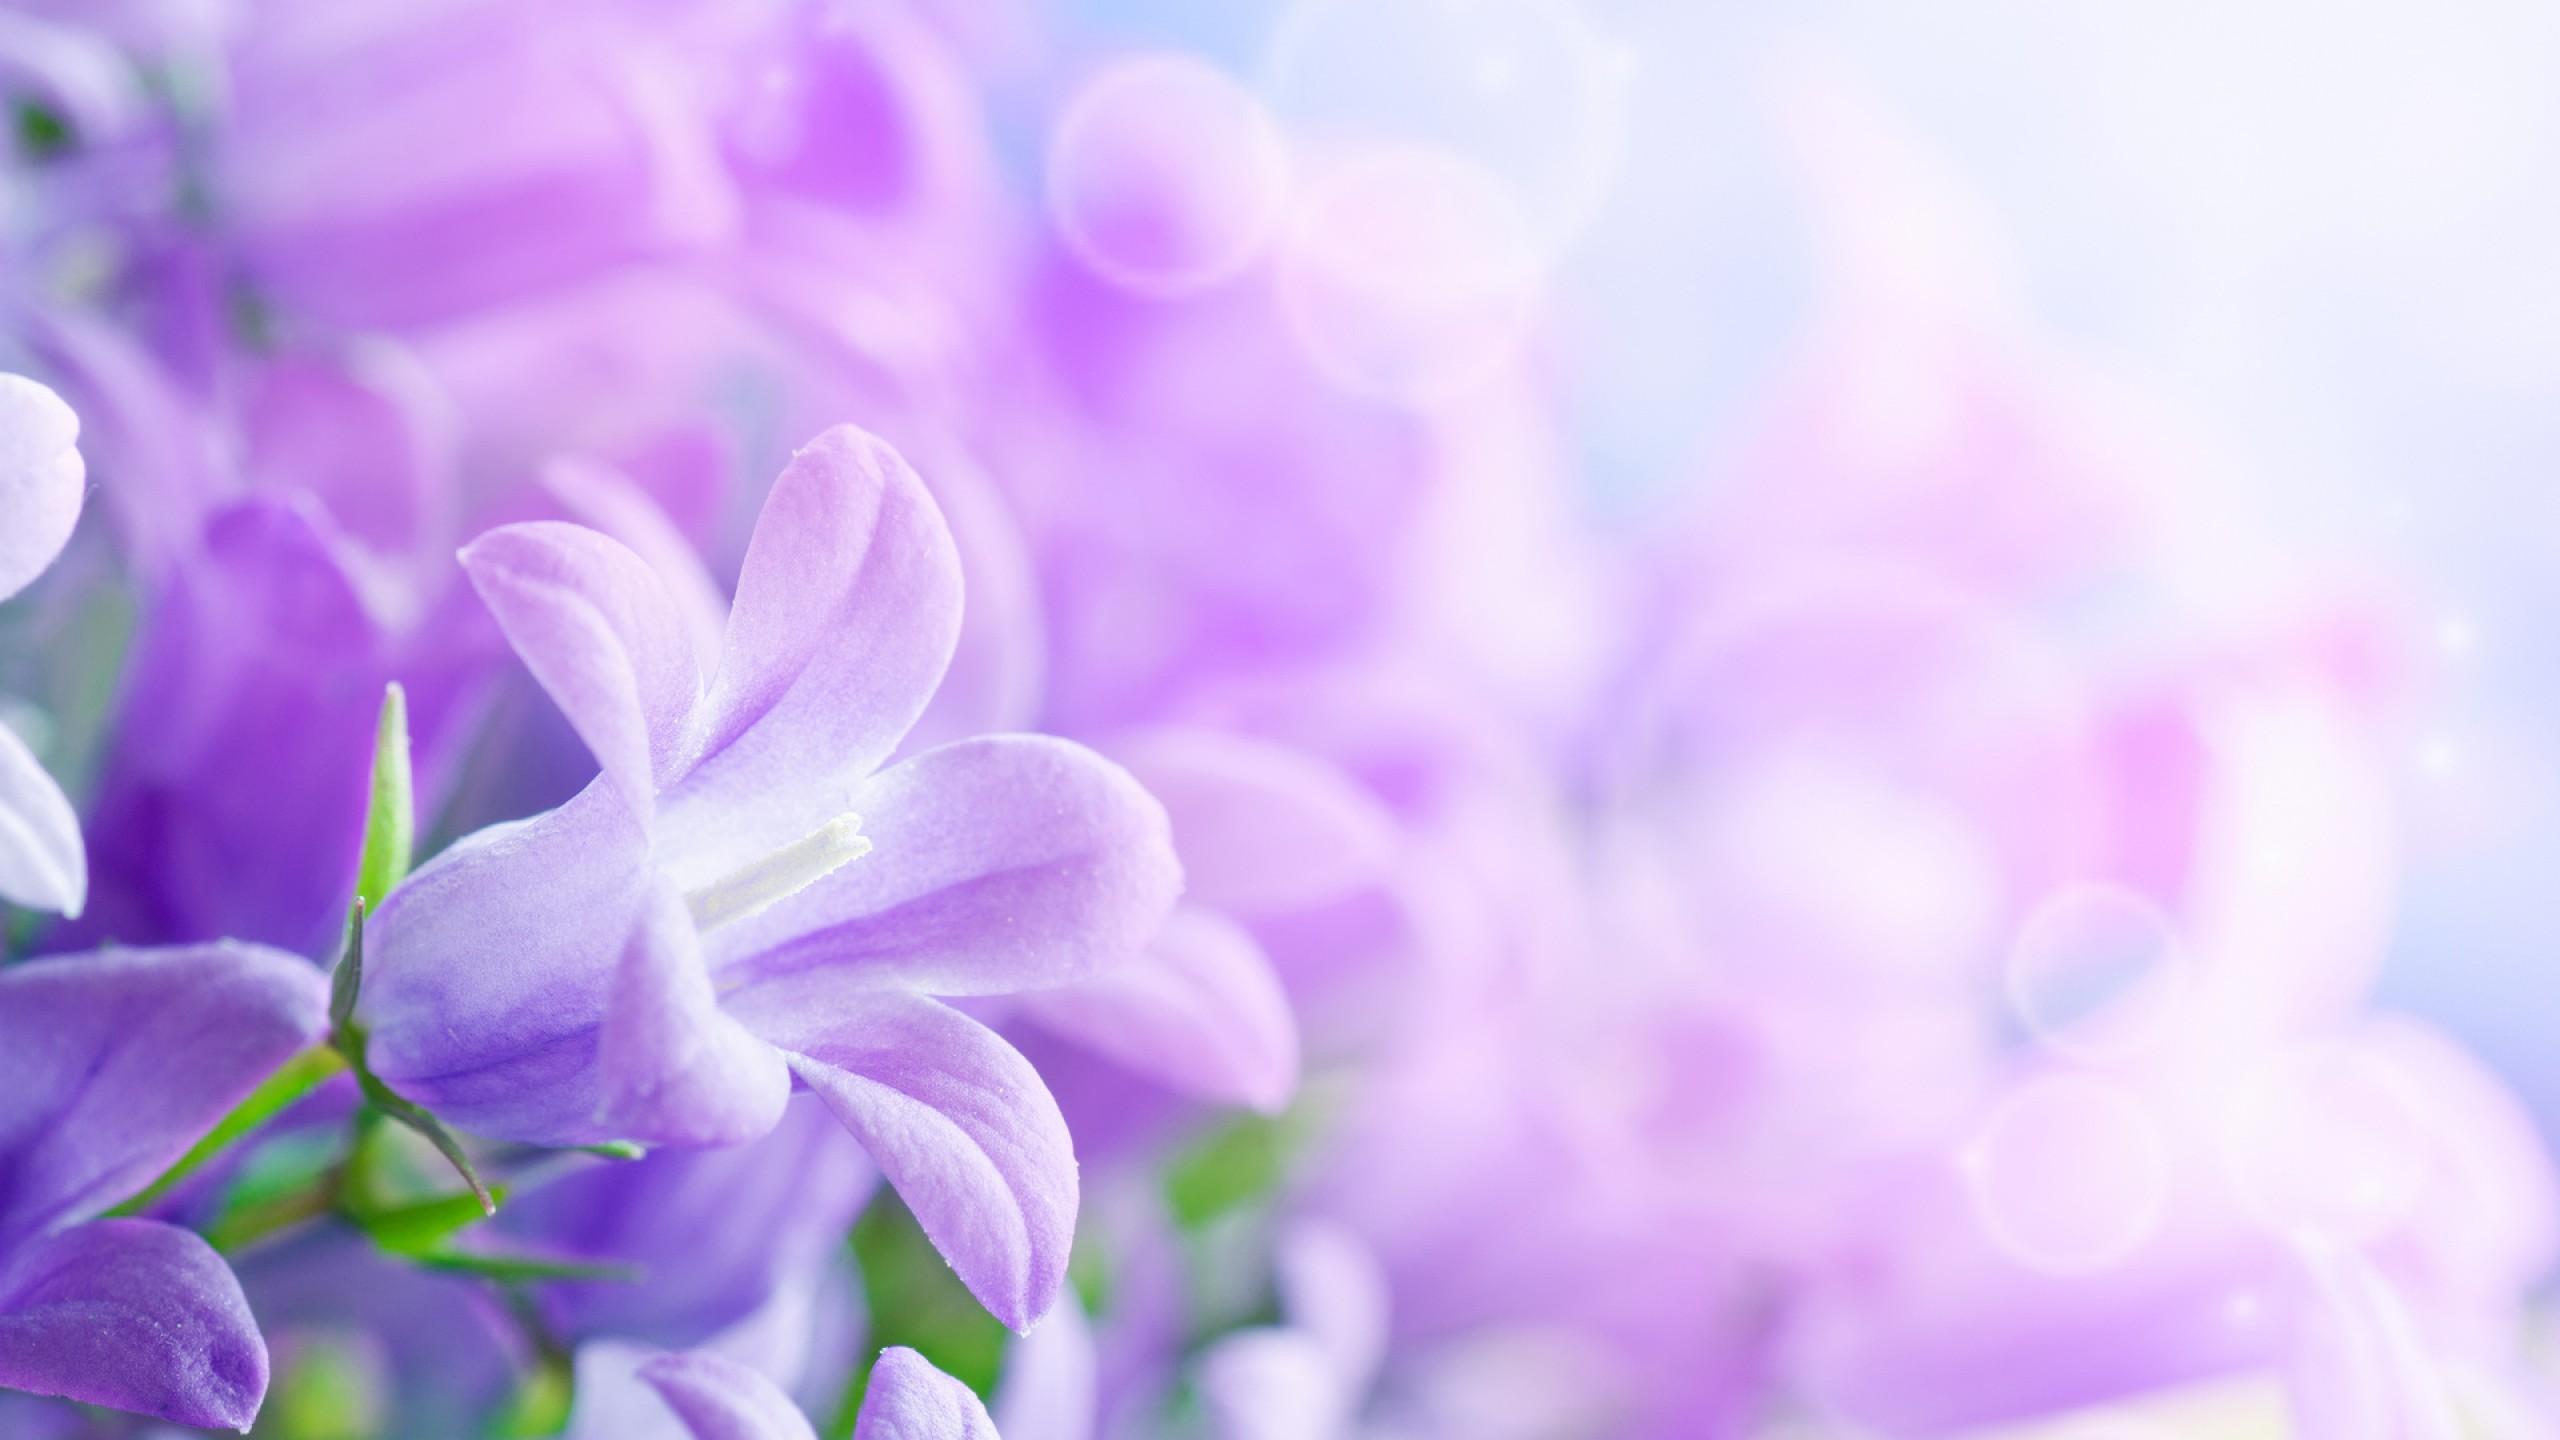 Clipart Lavender Flowers.